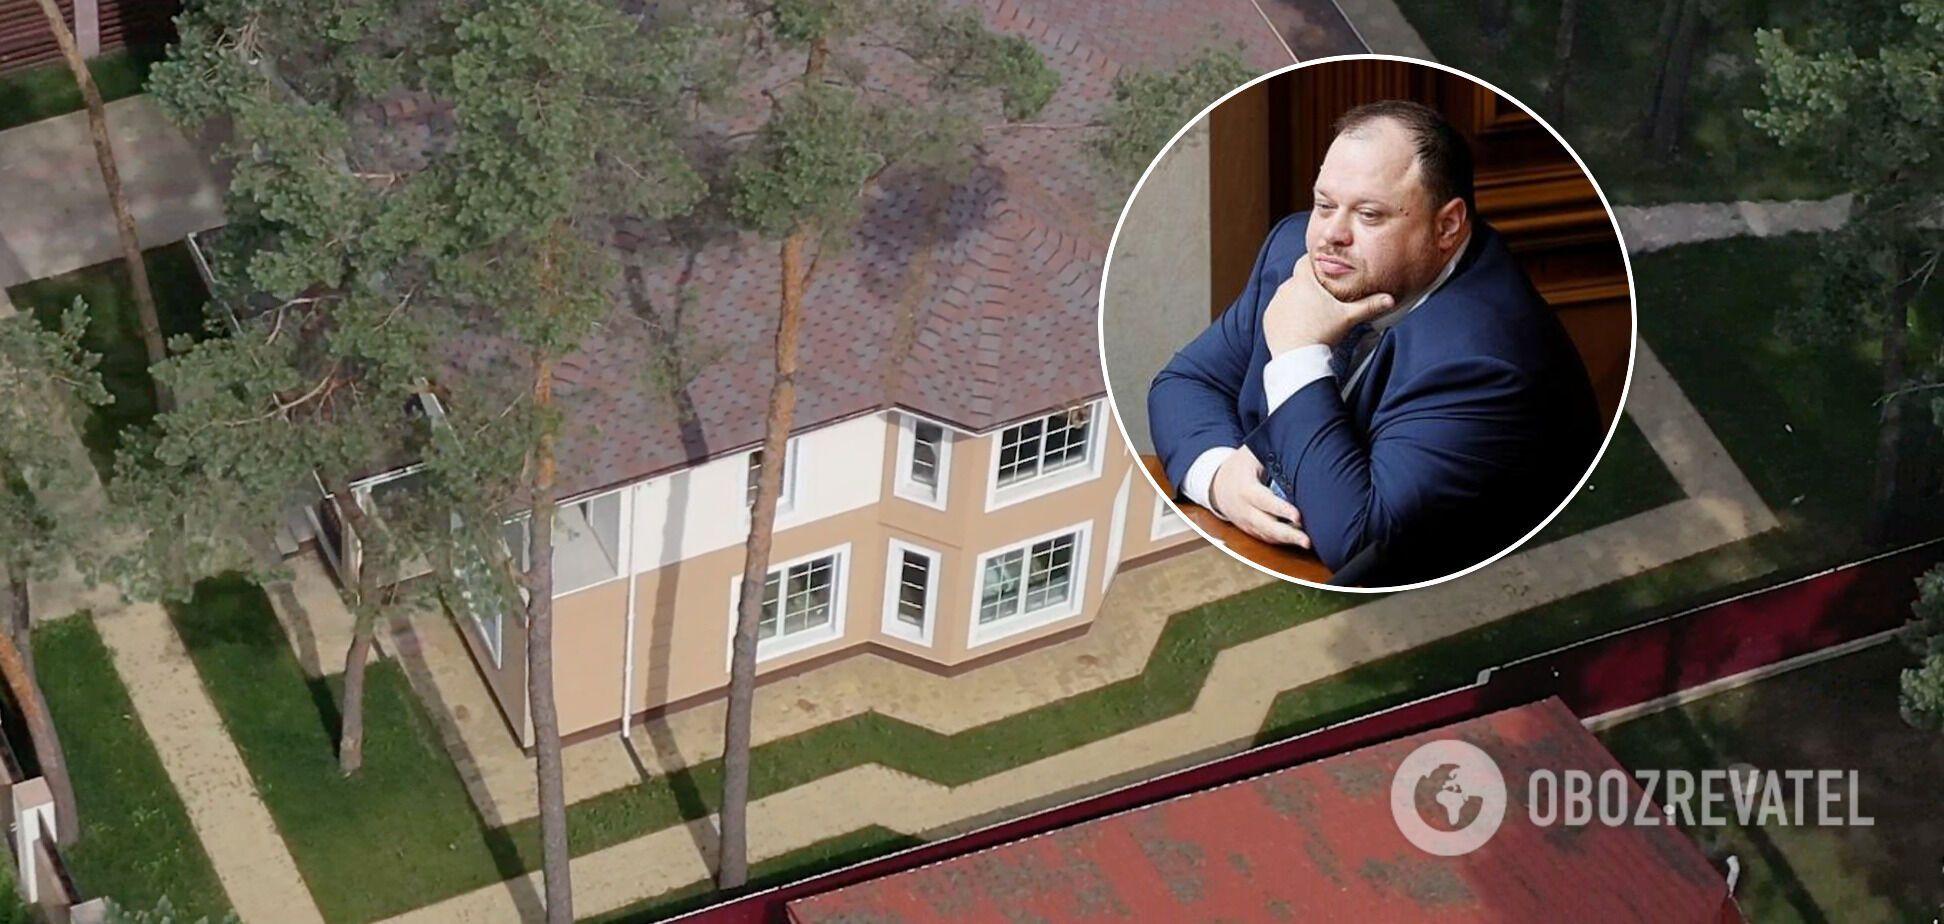 Стефанчук звів маєток під Києвом, але в декларації 'загубилися' 2 млн: експерти оцінили вартість